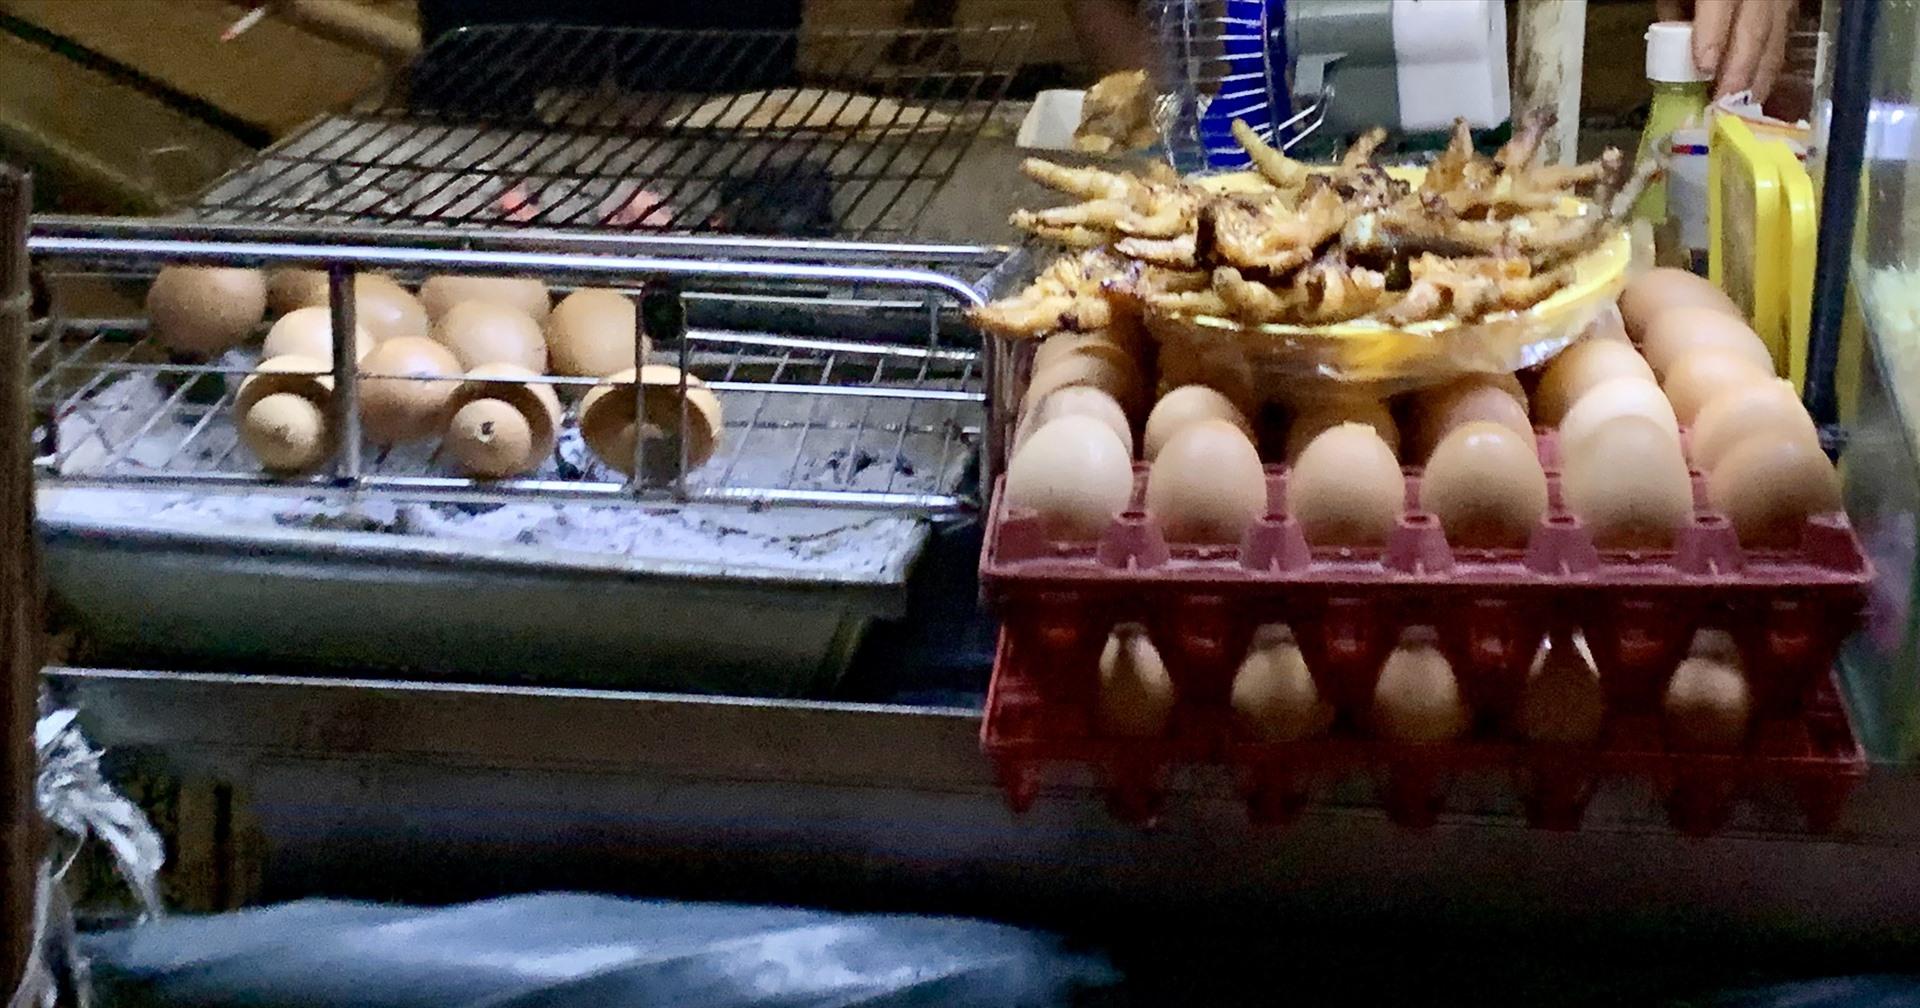 Đồ ăn được bày bán sát lòng đường nhưng không được che chắn.